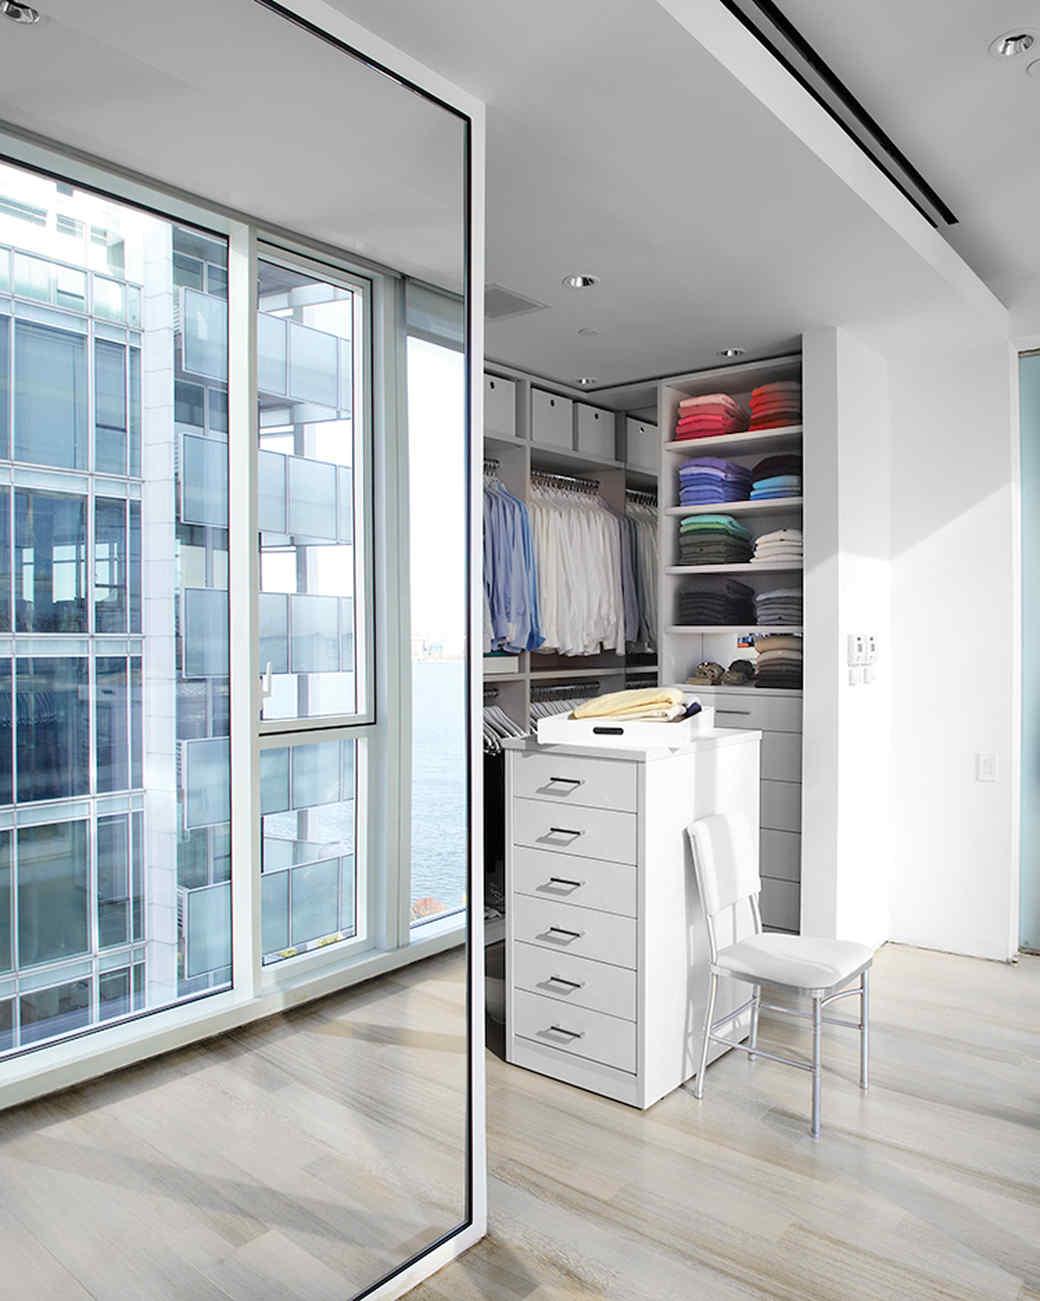 mld105280_0110_closet_doors.jpg